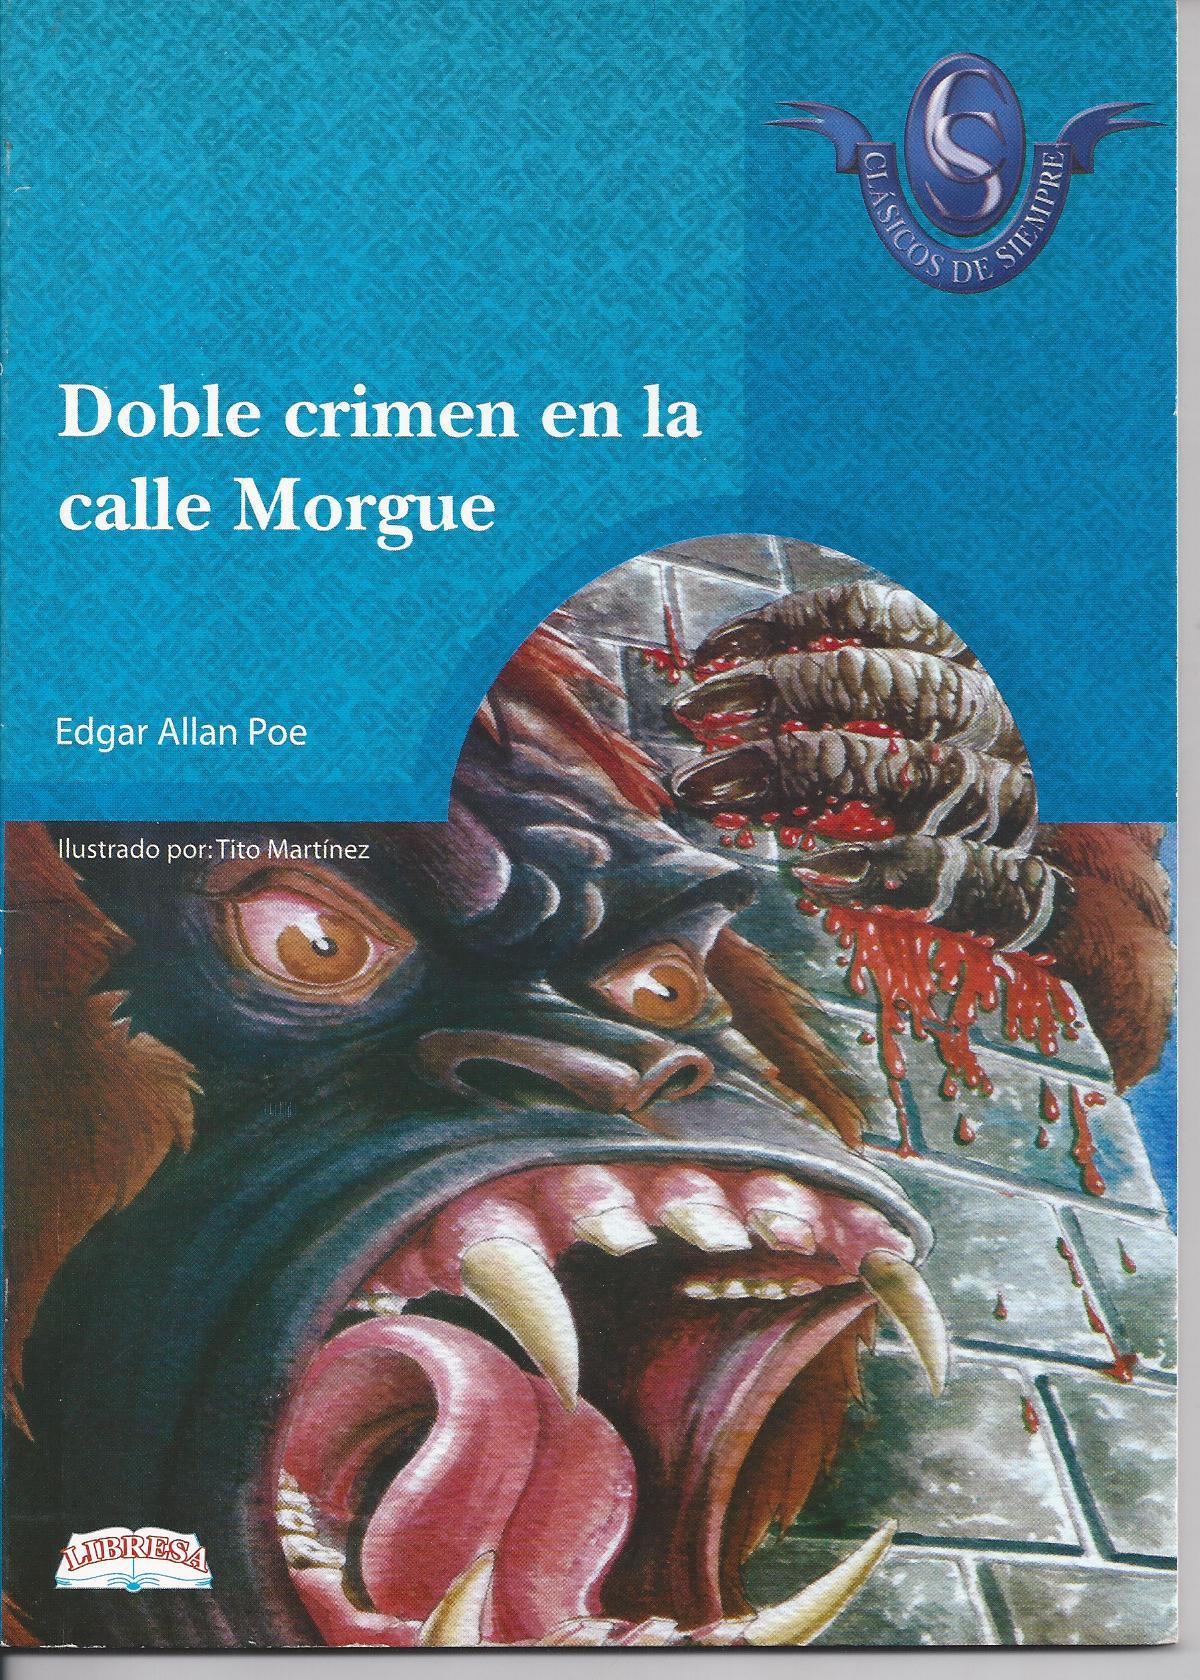 DOBLE CRIMEN EN LA CALLE MORGUE. RESUMEN 1 – Club de lectura GSP